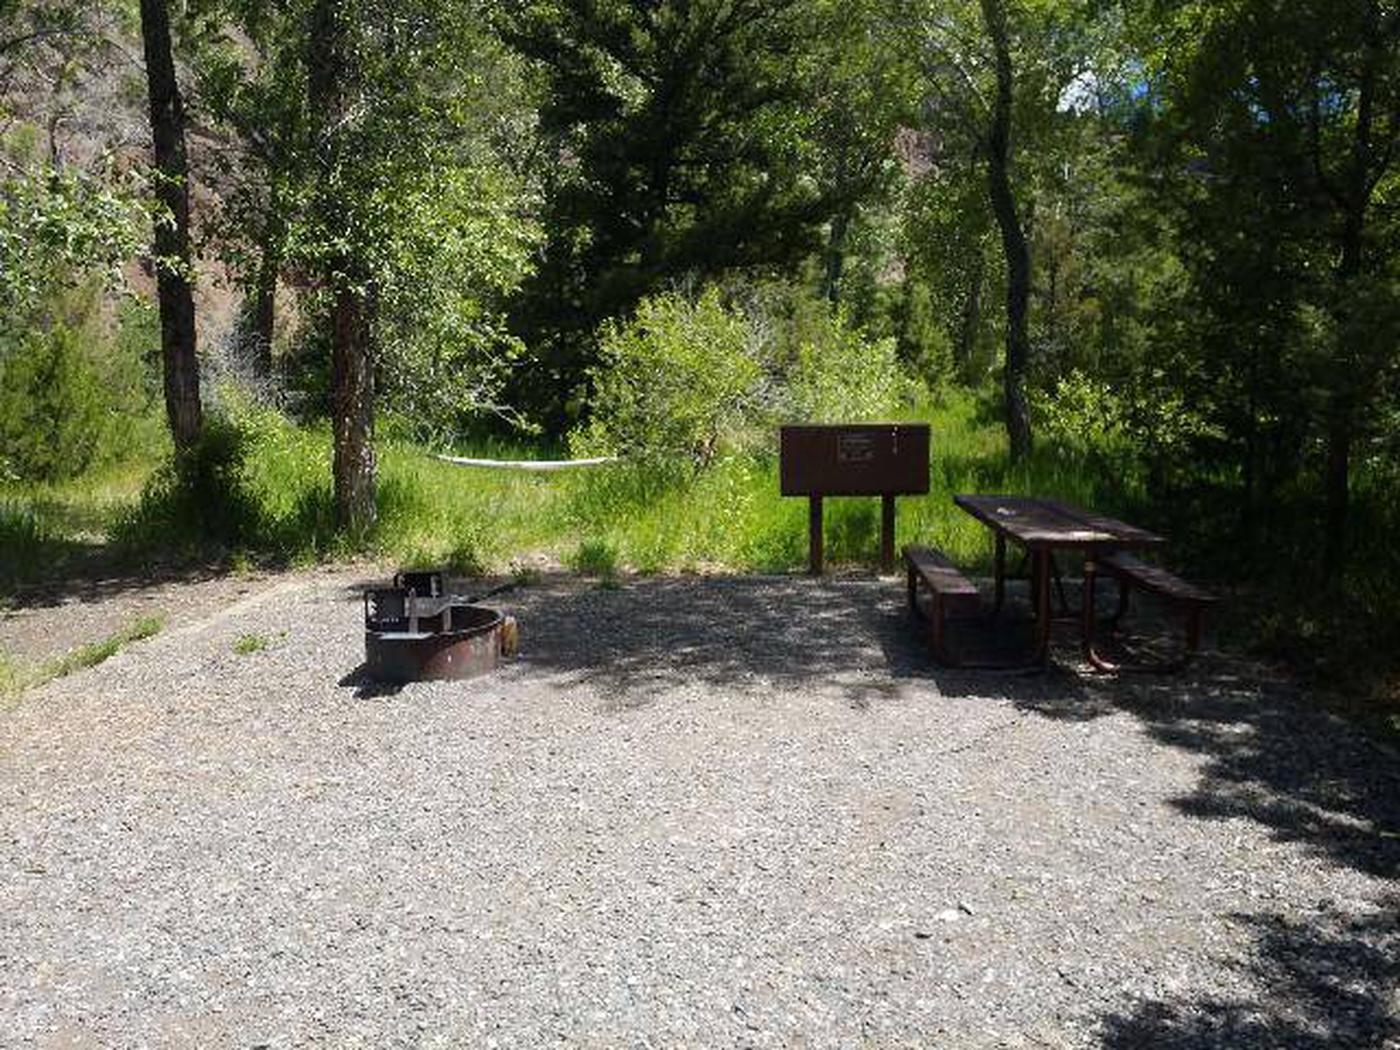 Wapiti Campsite 27 - Side View of Picnic Area